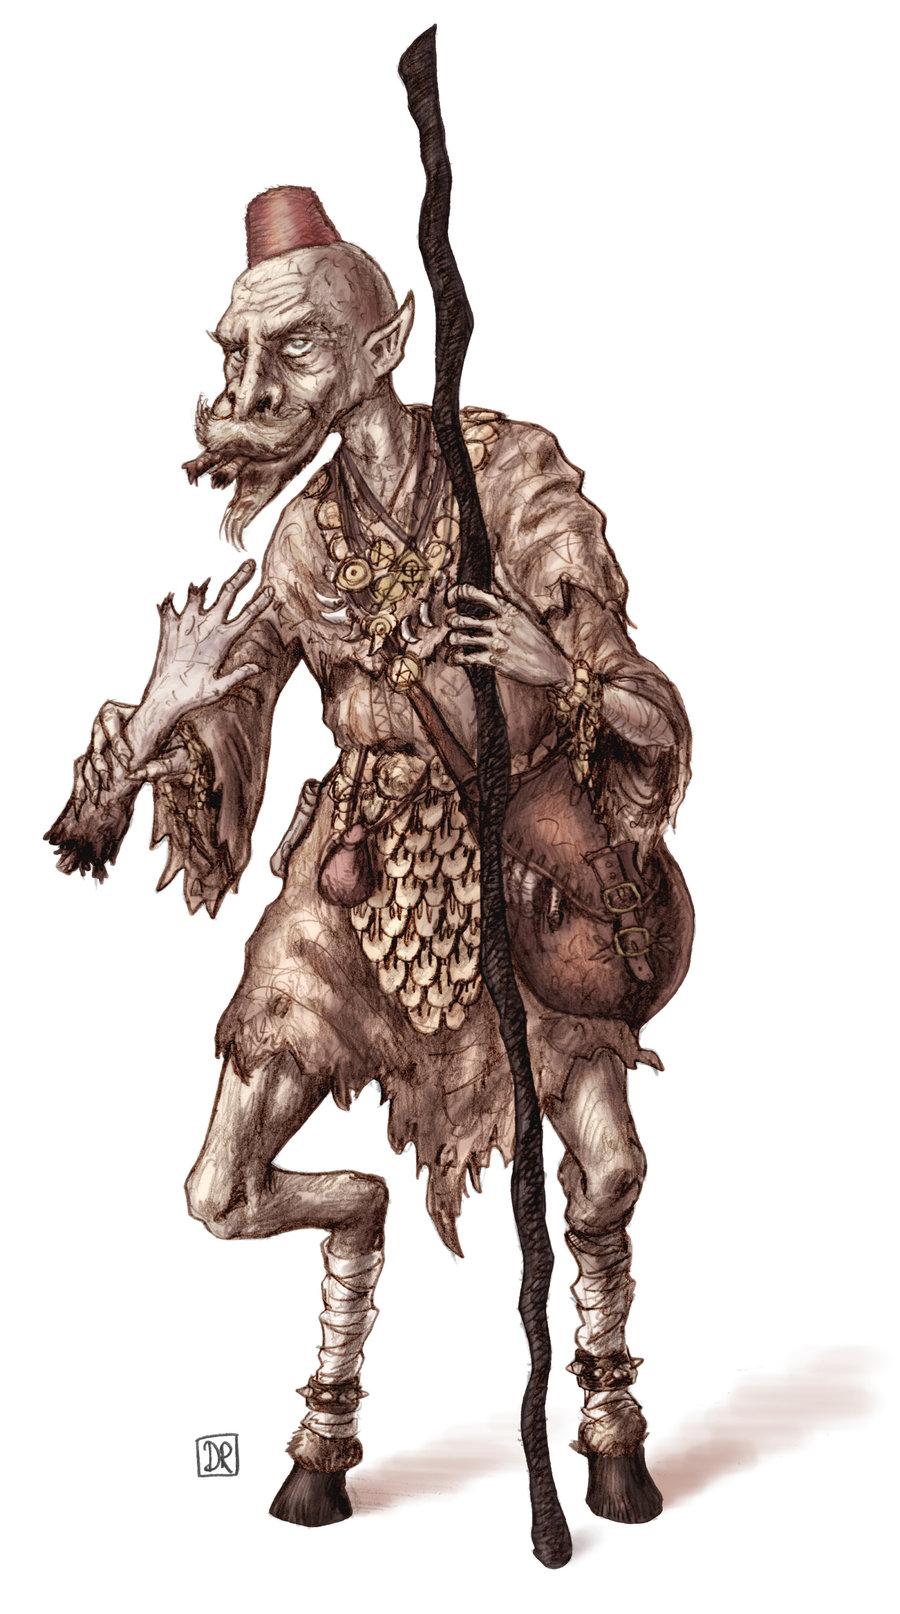 """domigorgon """"Ghul sorcerer"""", PG su commissione per Clone-Artist - by Domigorgon (Domagoj Rapčak) domigorgon.deviantart.com (2012) © dell'autore tutti i diritti riservati"""